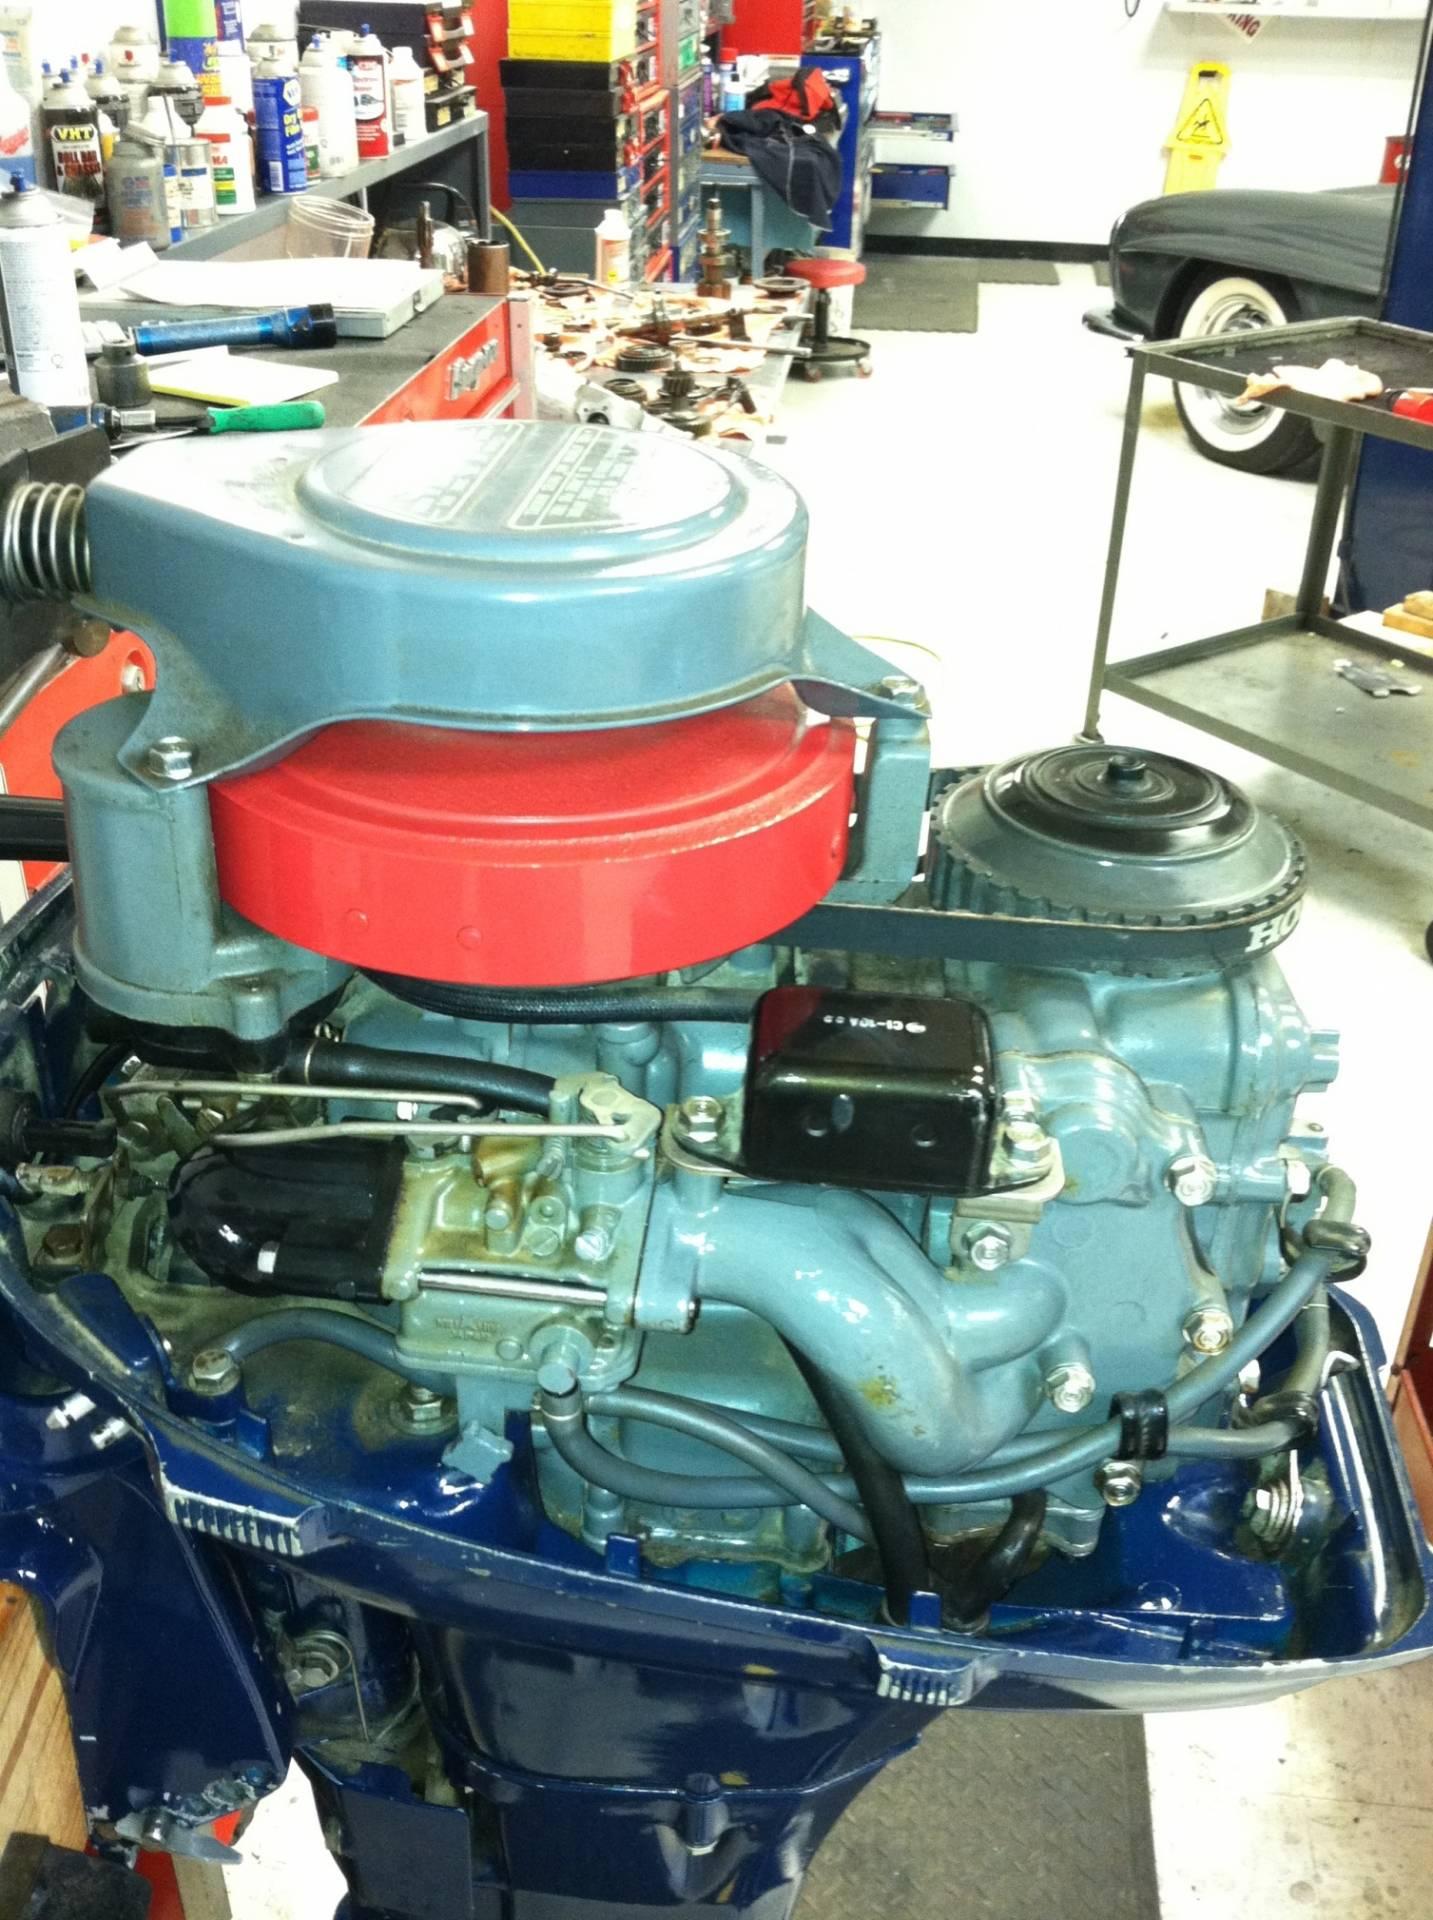 4 stroke honda 10 hp b100s outboard motor bloodydecks for Honda 2 5 hp outboard motor